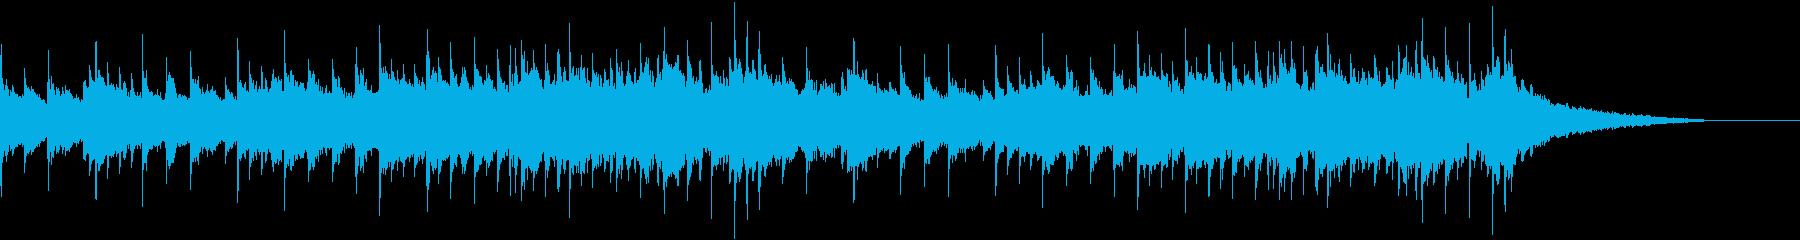 残響成分多めのオルゴール風BGMです。の再生済みの波形